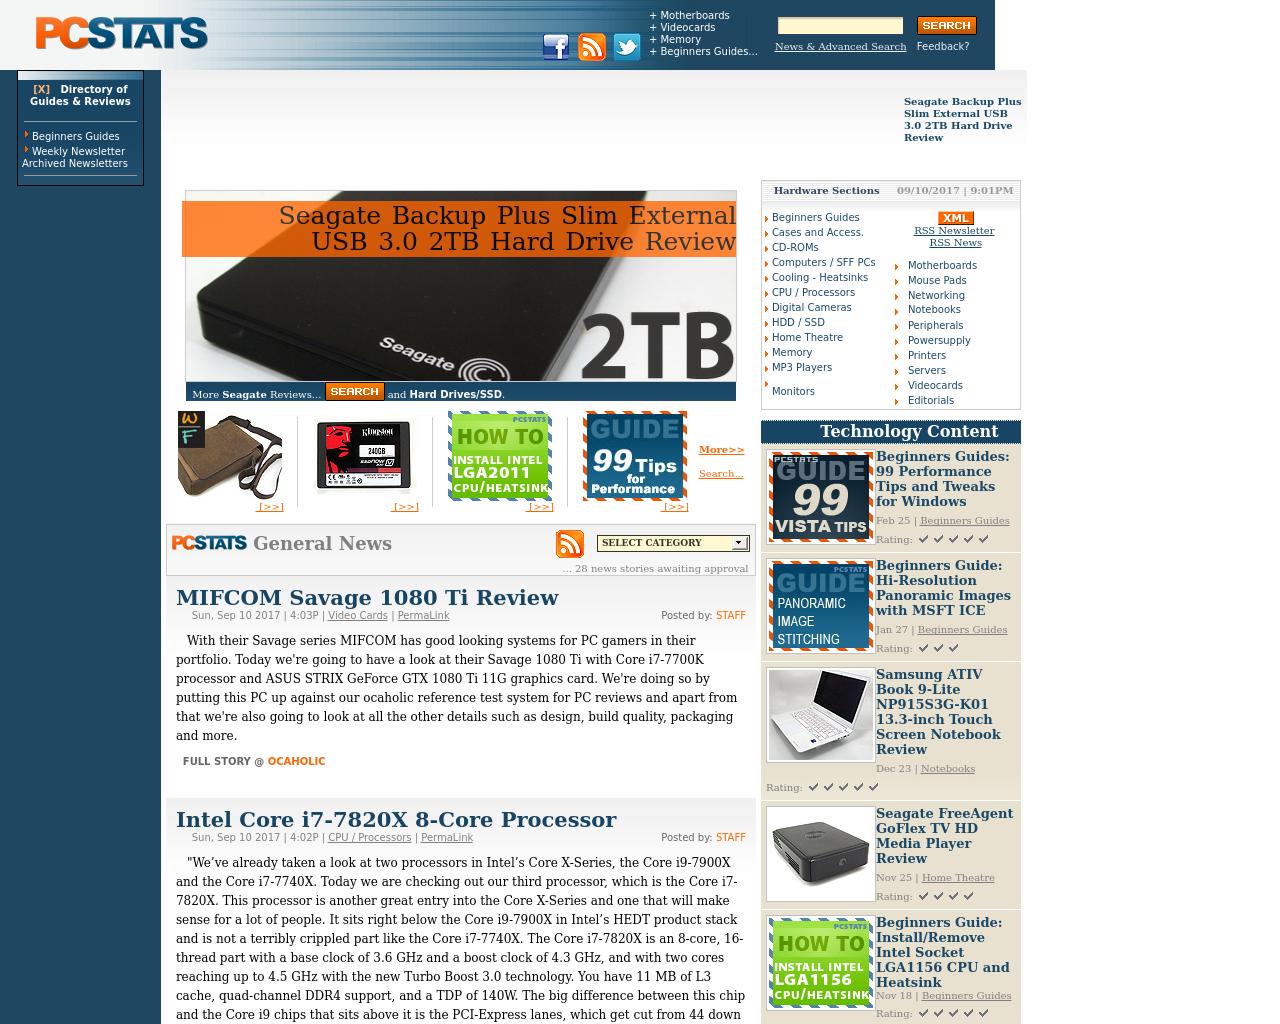 PCSTATS-Advertising-Reviews-Pricing